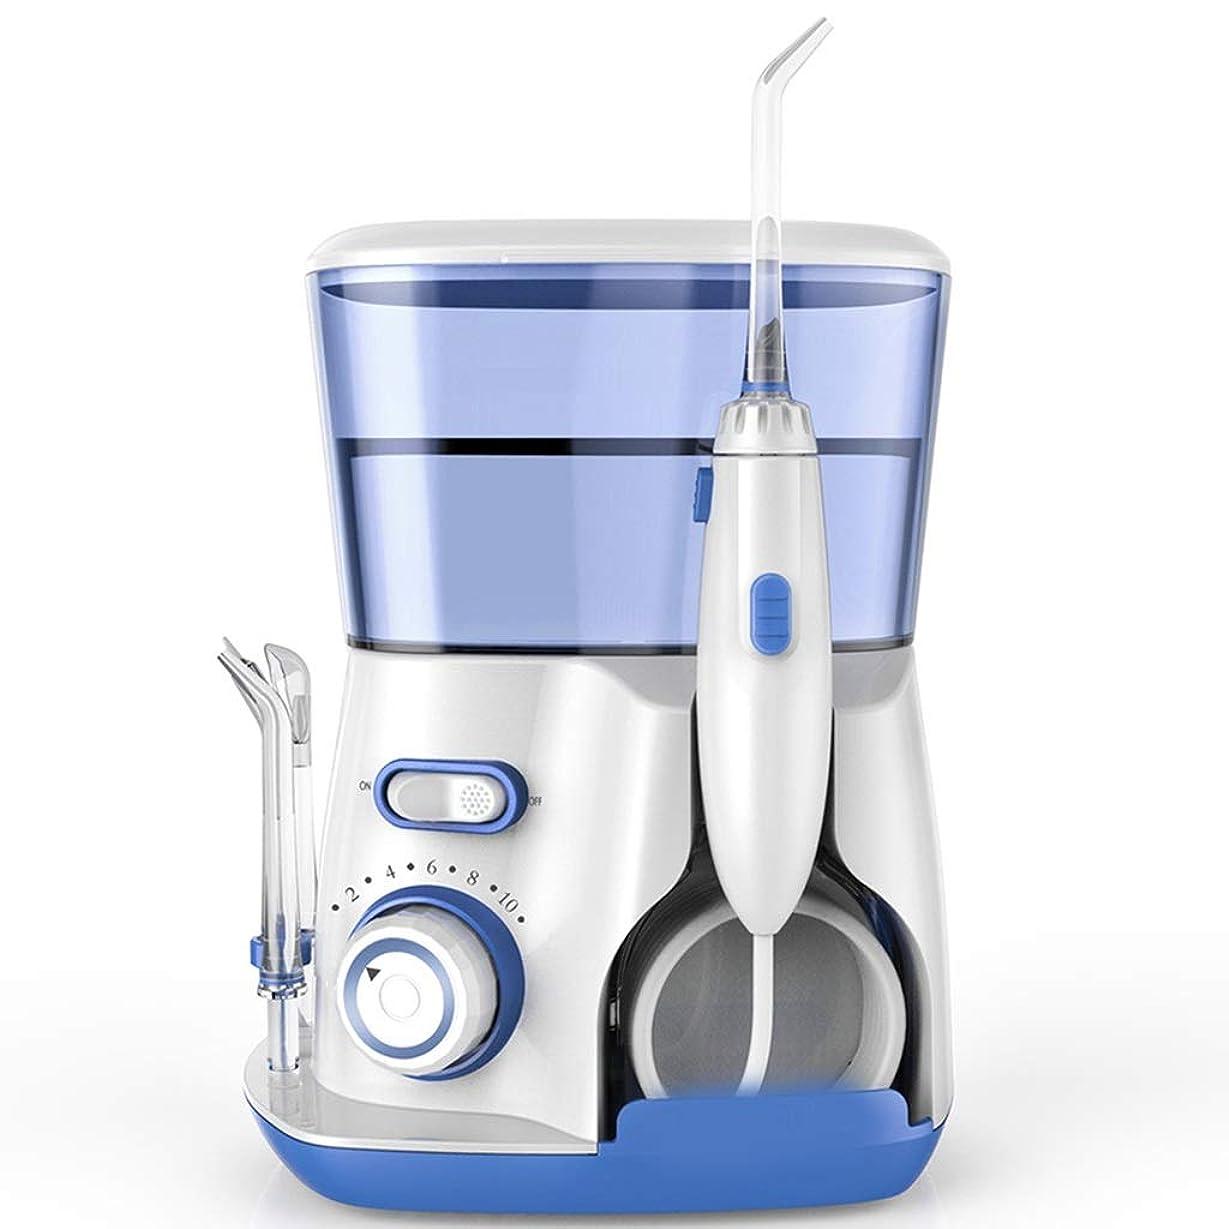 癒す結論夕食を作るプロのコードレス歯科用口腔洗浄器 - ポータブルおよび充電式IPX7は、家庭用および旅行用の洗浄可能な水タンクで3モードのフロスを防水、ブレース、ブリッジのお手入れ (Color : Blue)